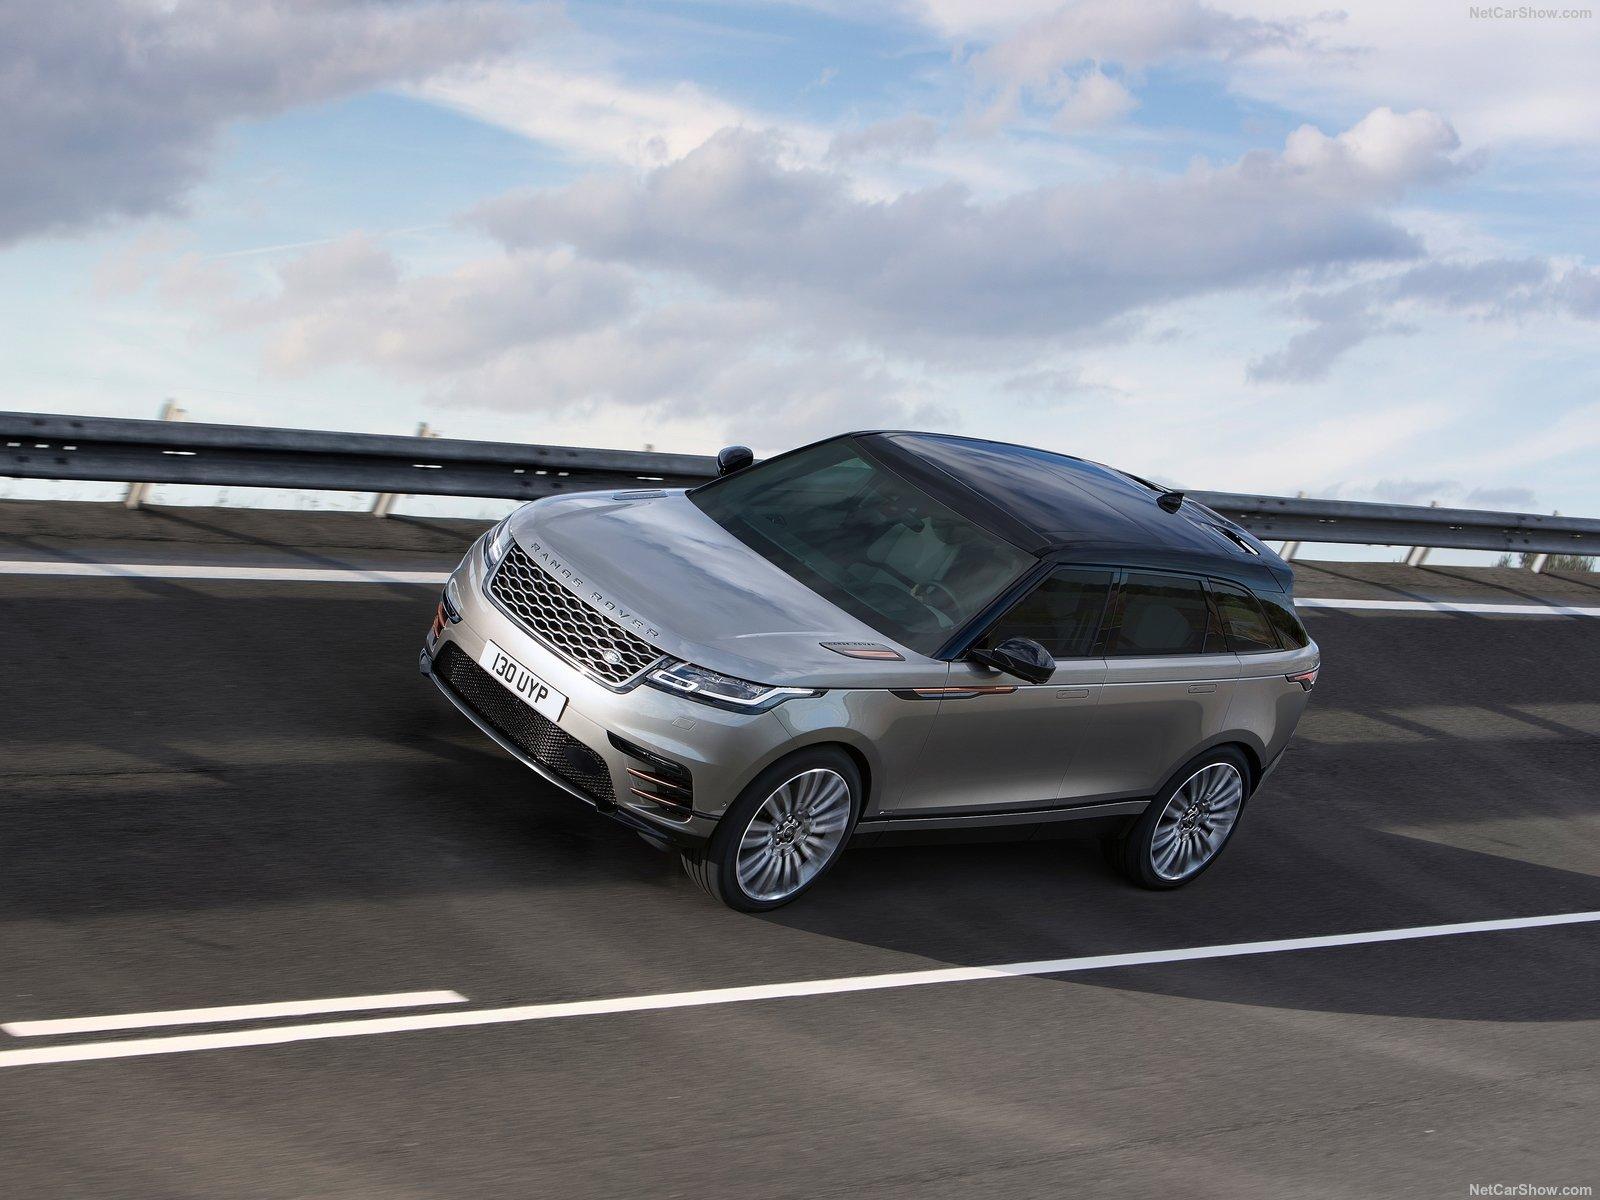 Land_Rover-Range_Rover_Velar-2018-1600-07